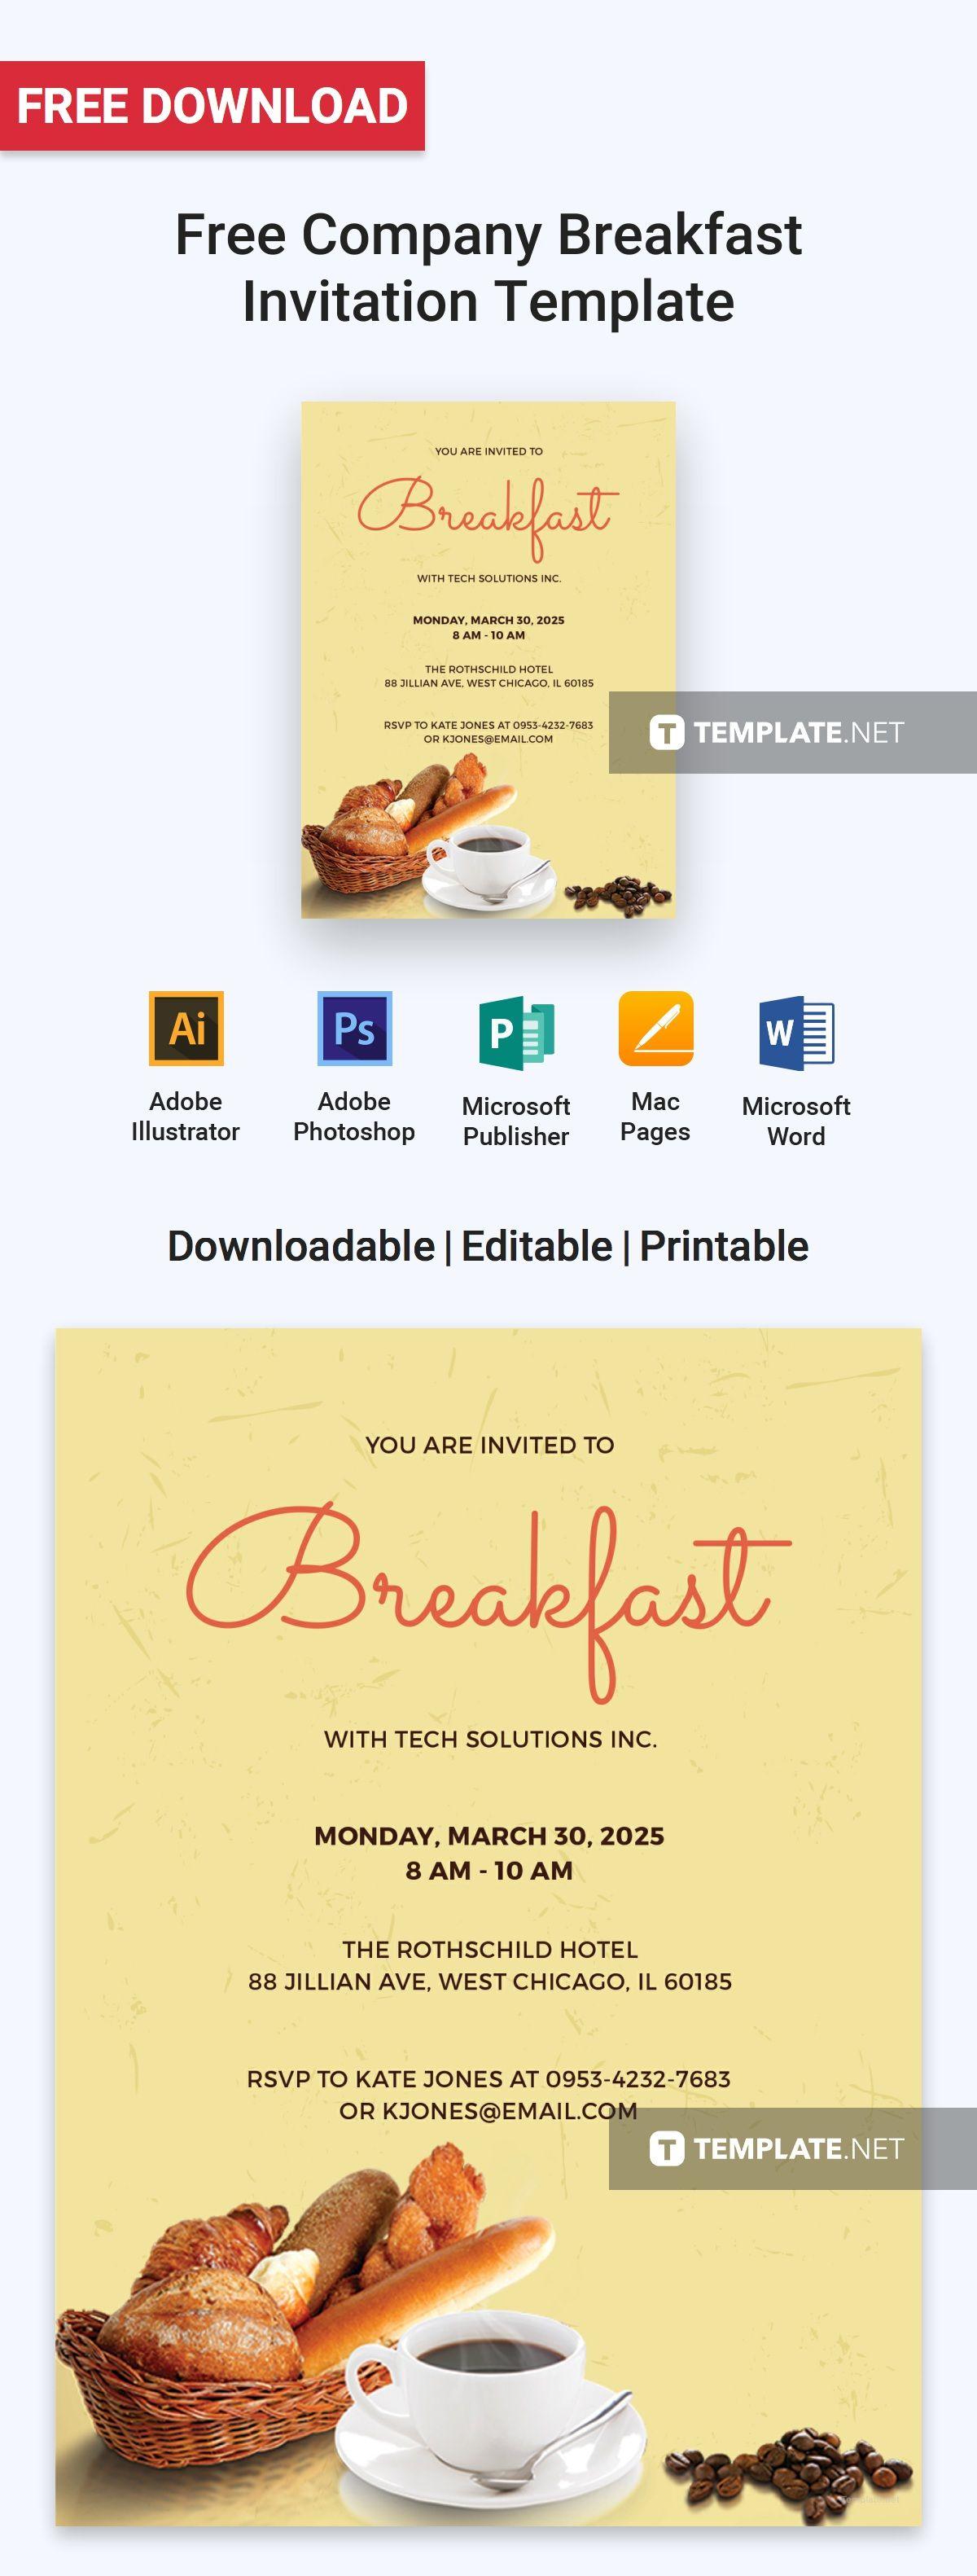 Free Company Breakfast Invitation